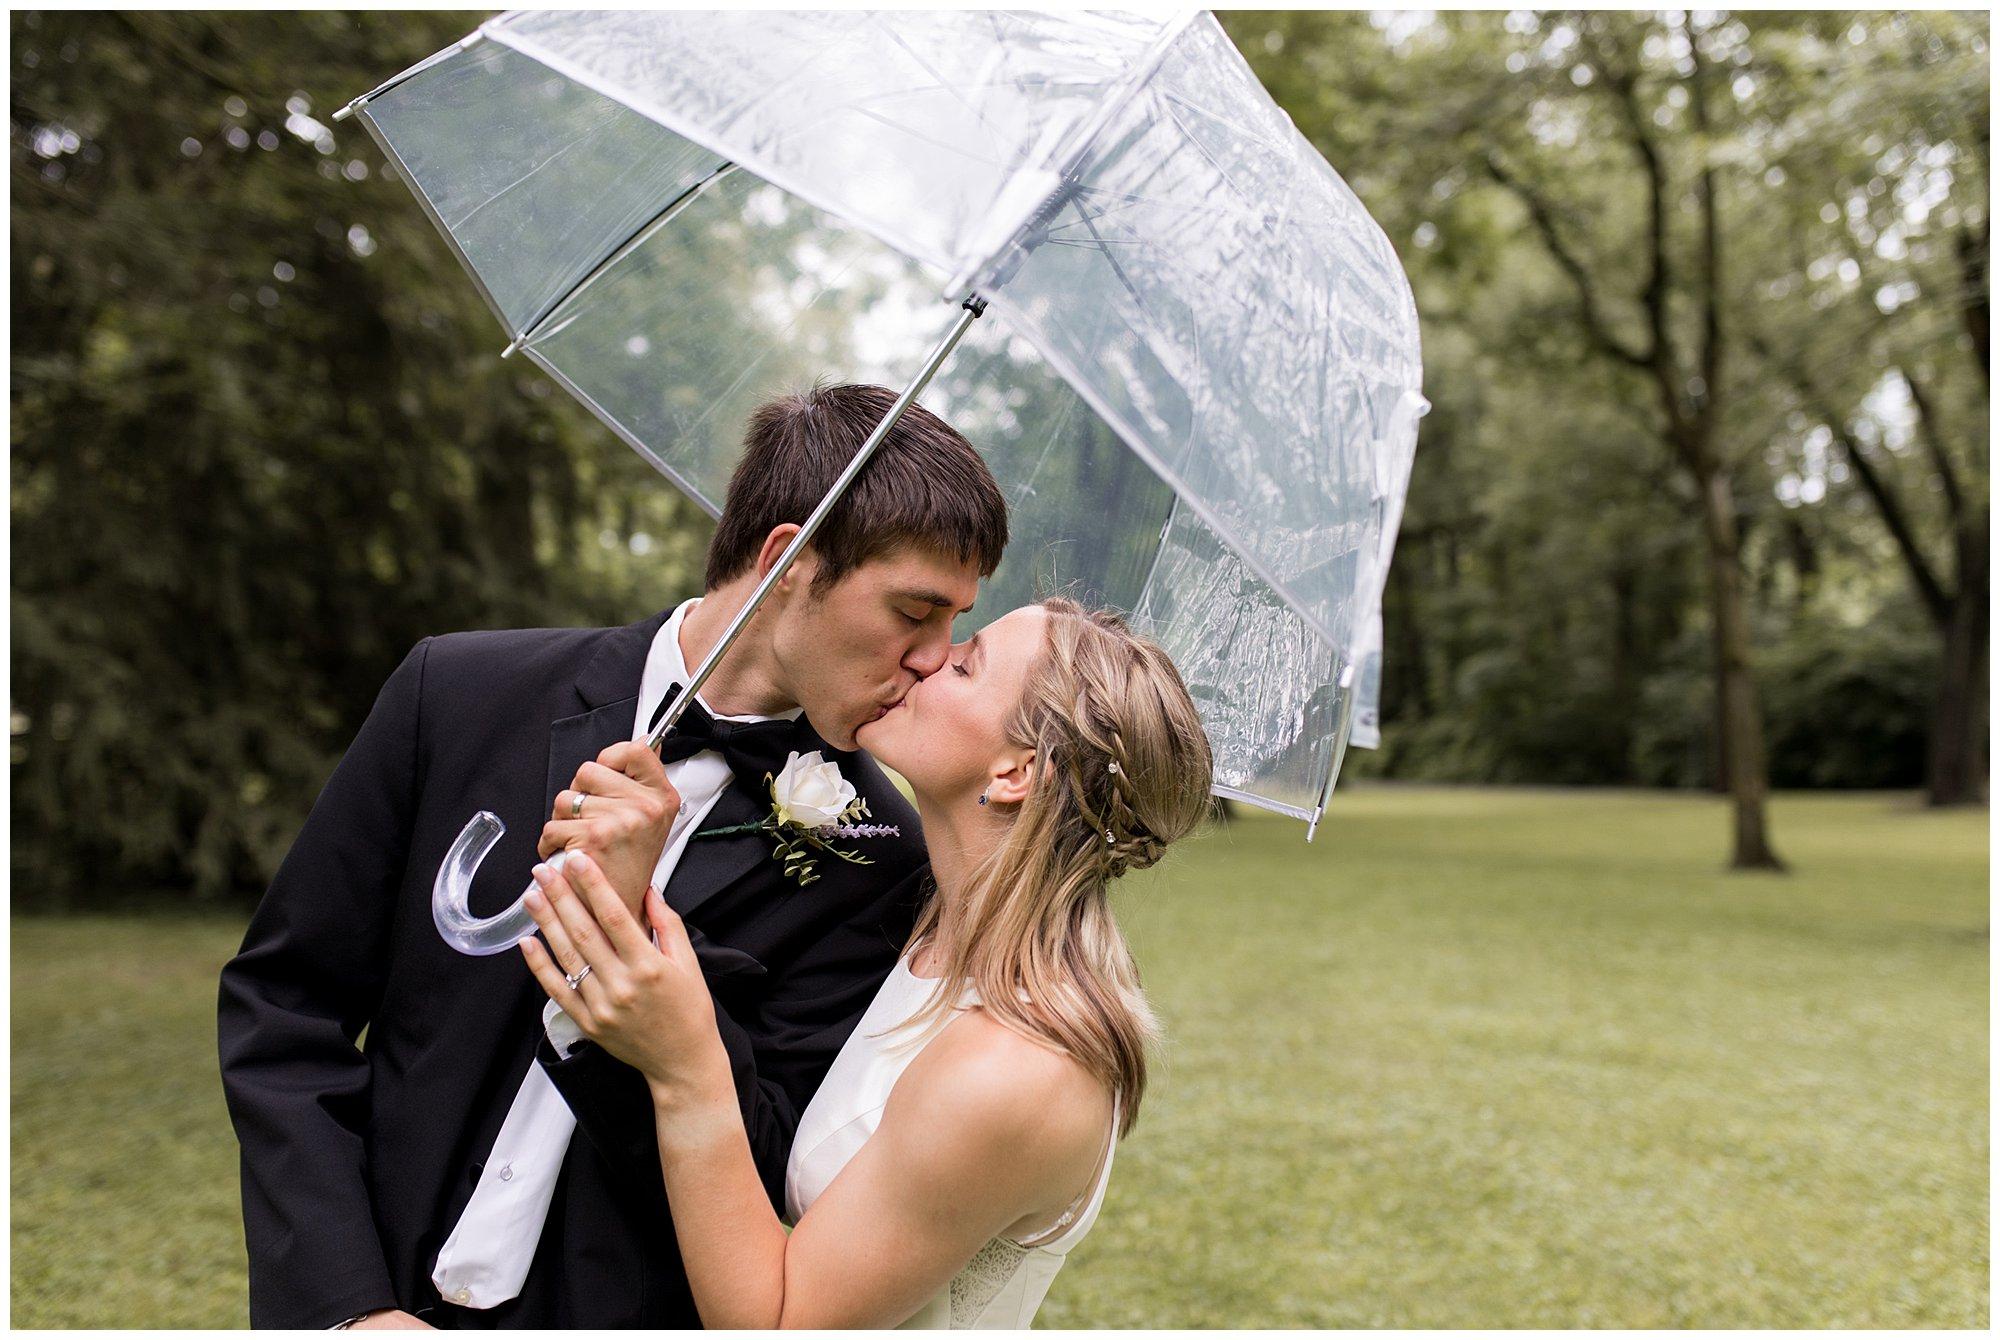 bride and groom kiss under umbrella at Highland Park in Kokomo Indiana